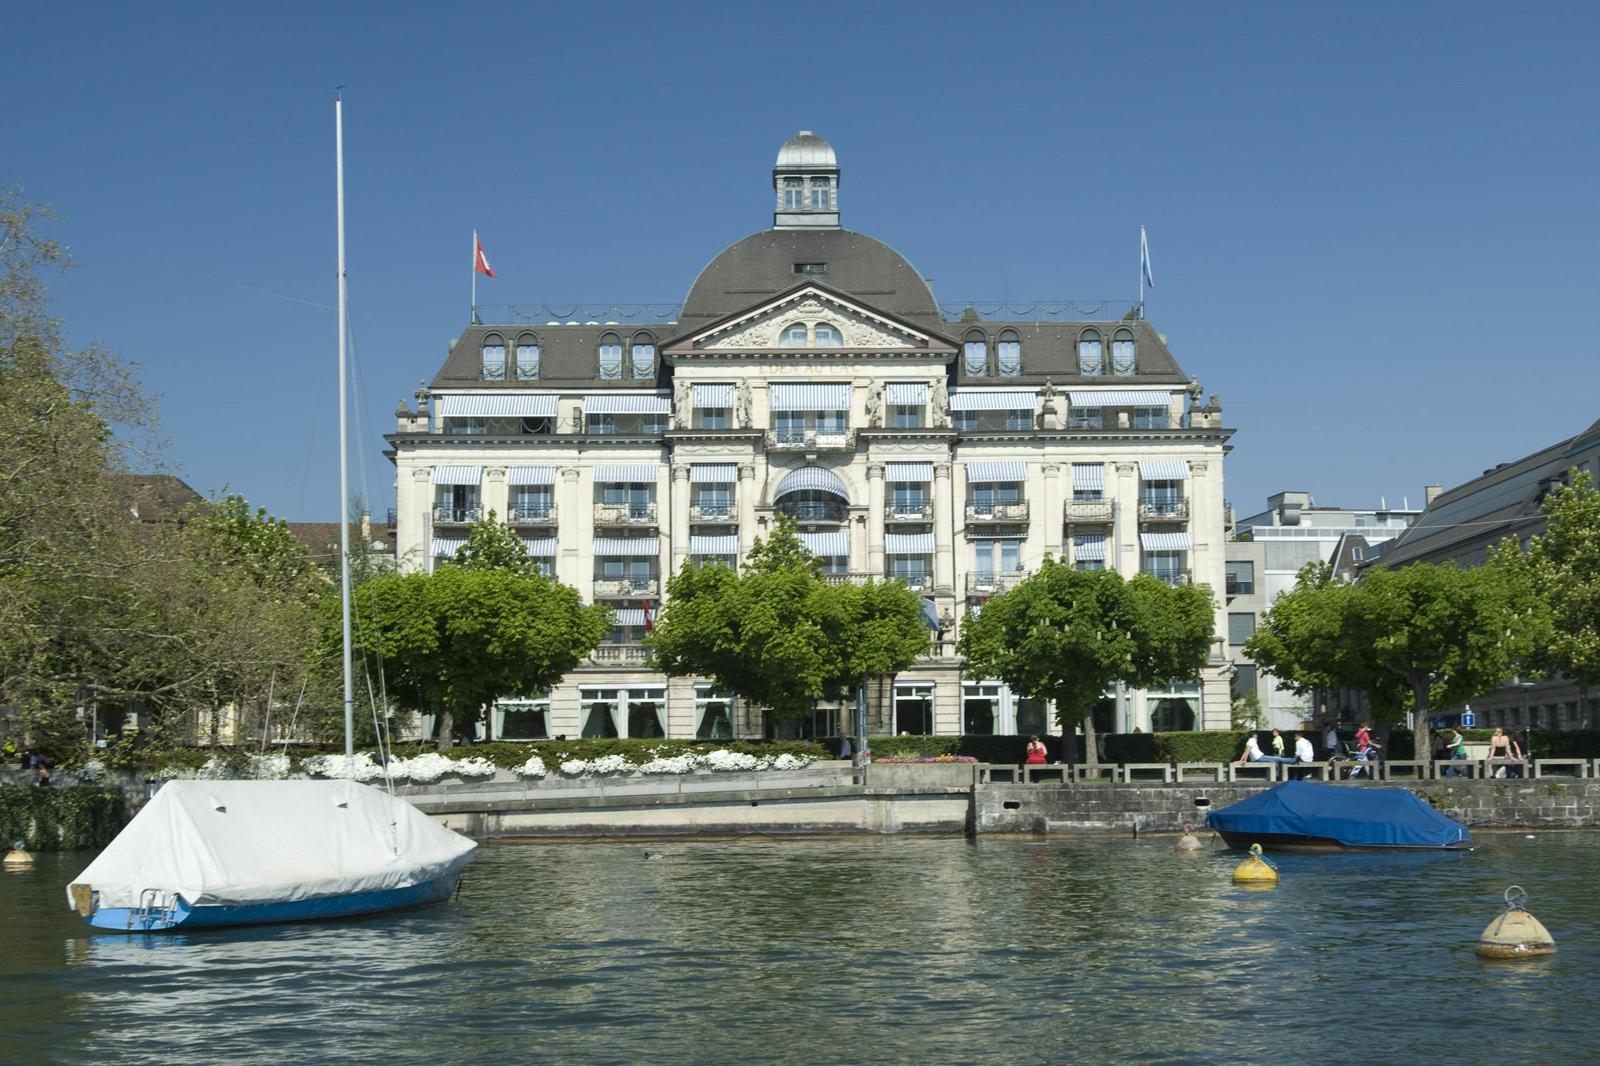 Hotel Eden au Lac, Zurich (CH)